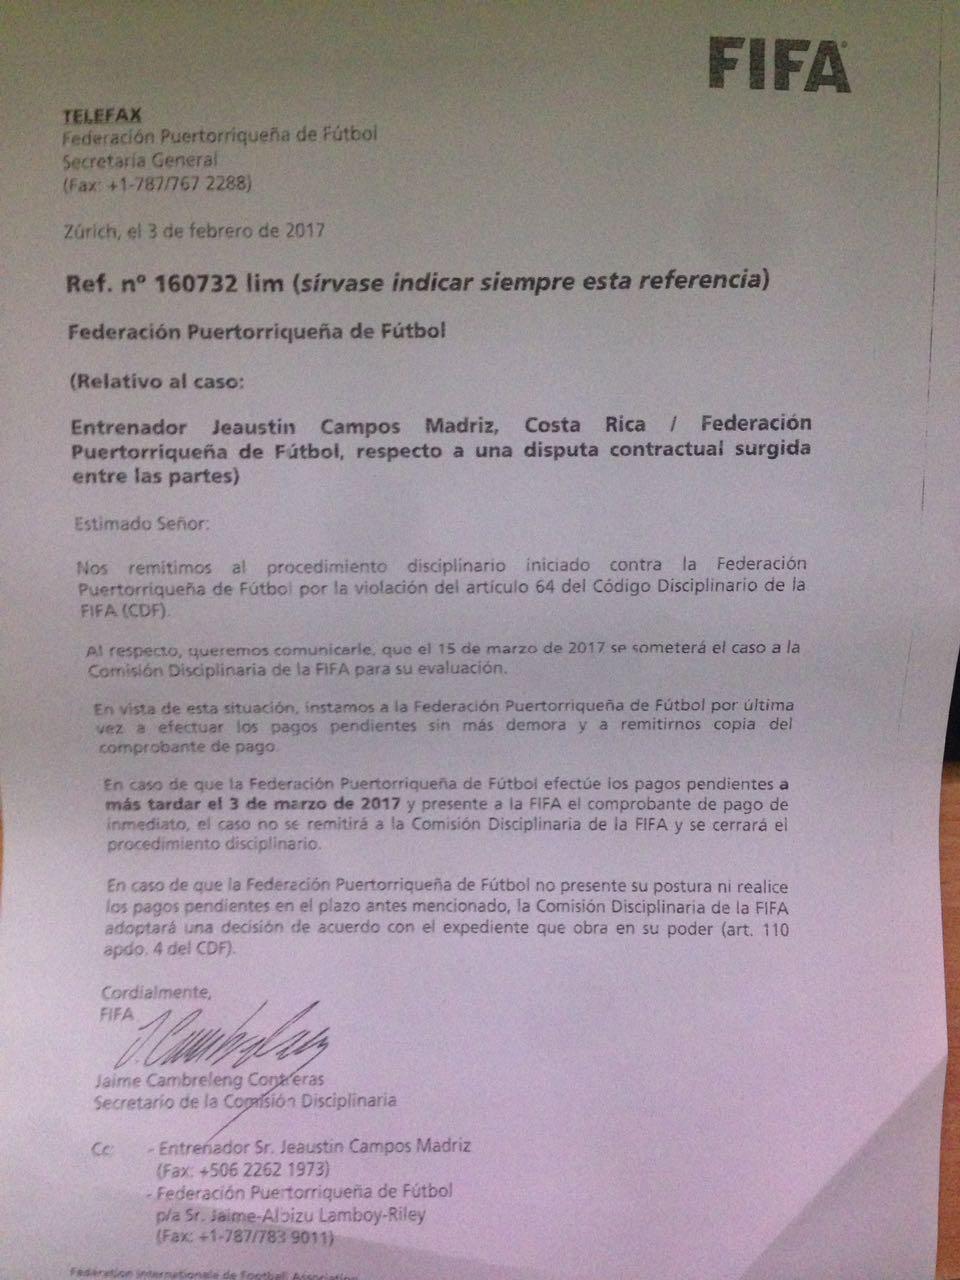 Carta enviada a la Federación Puertorriqueña de Fútbol. Suminsitrada